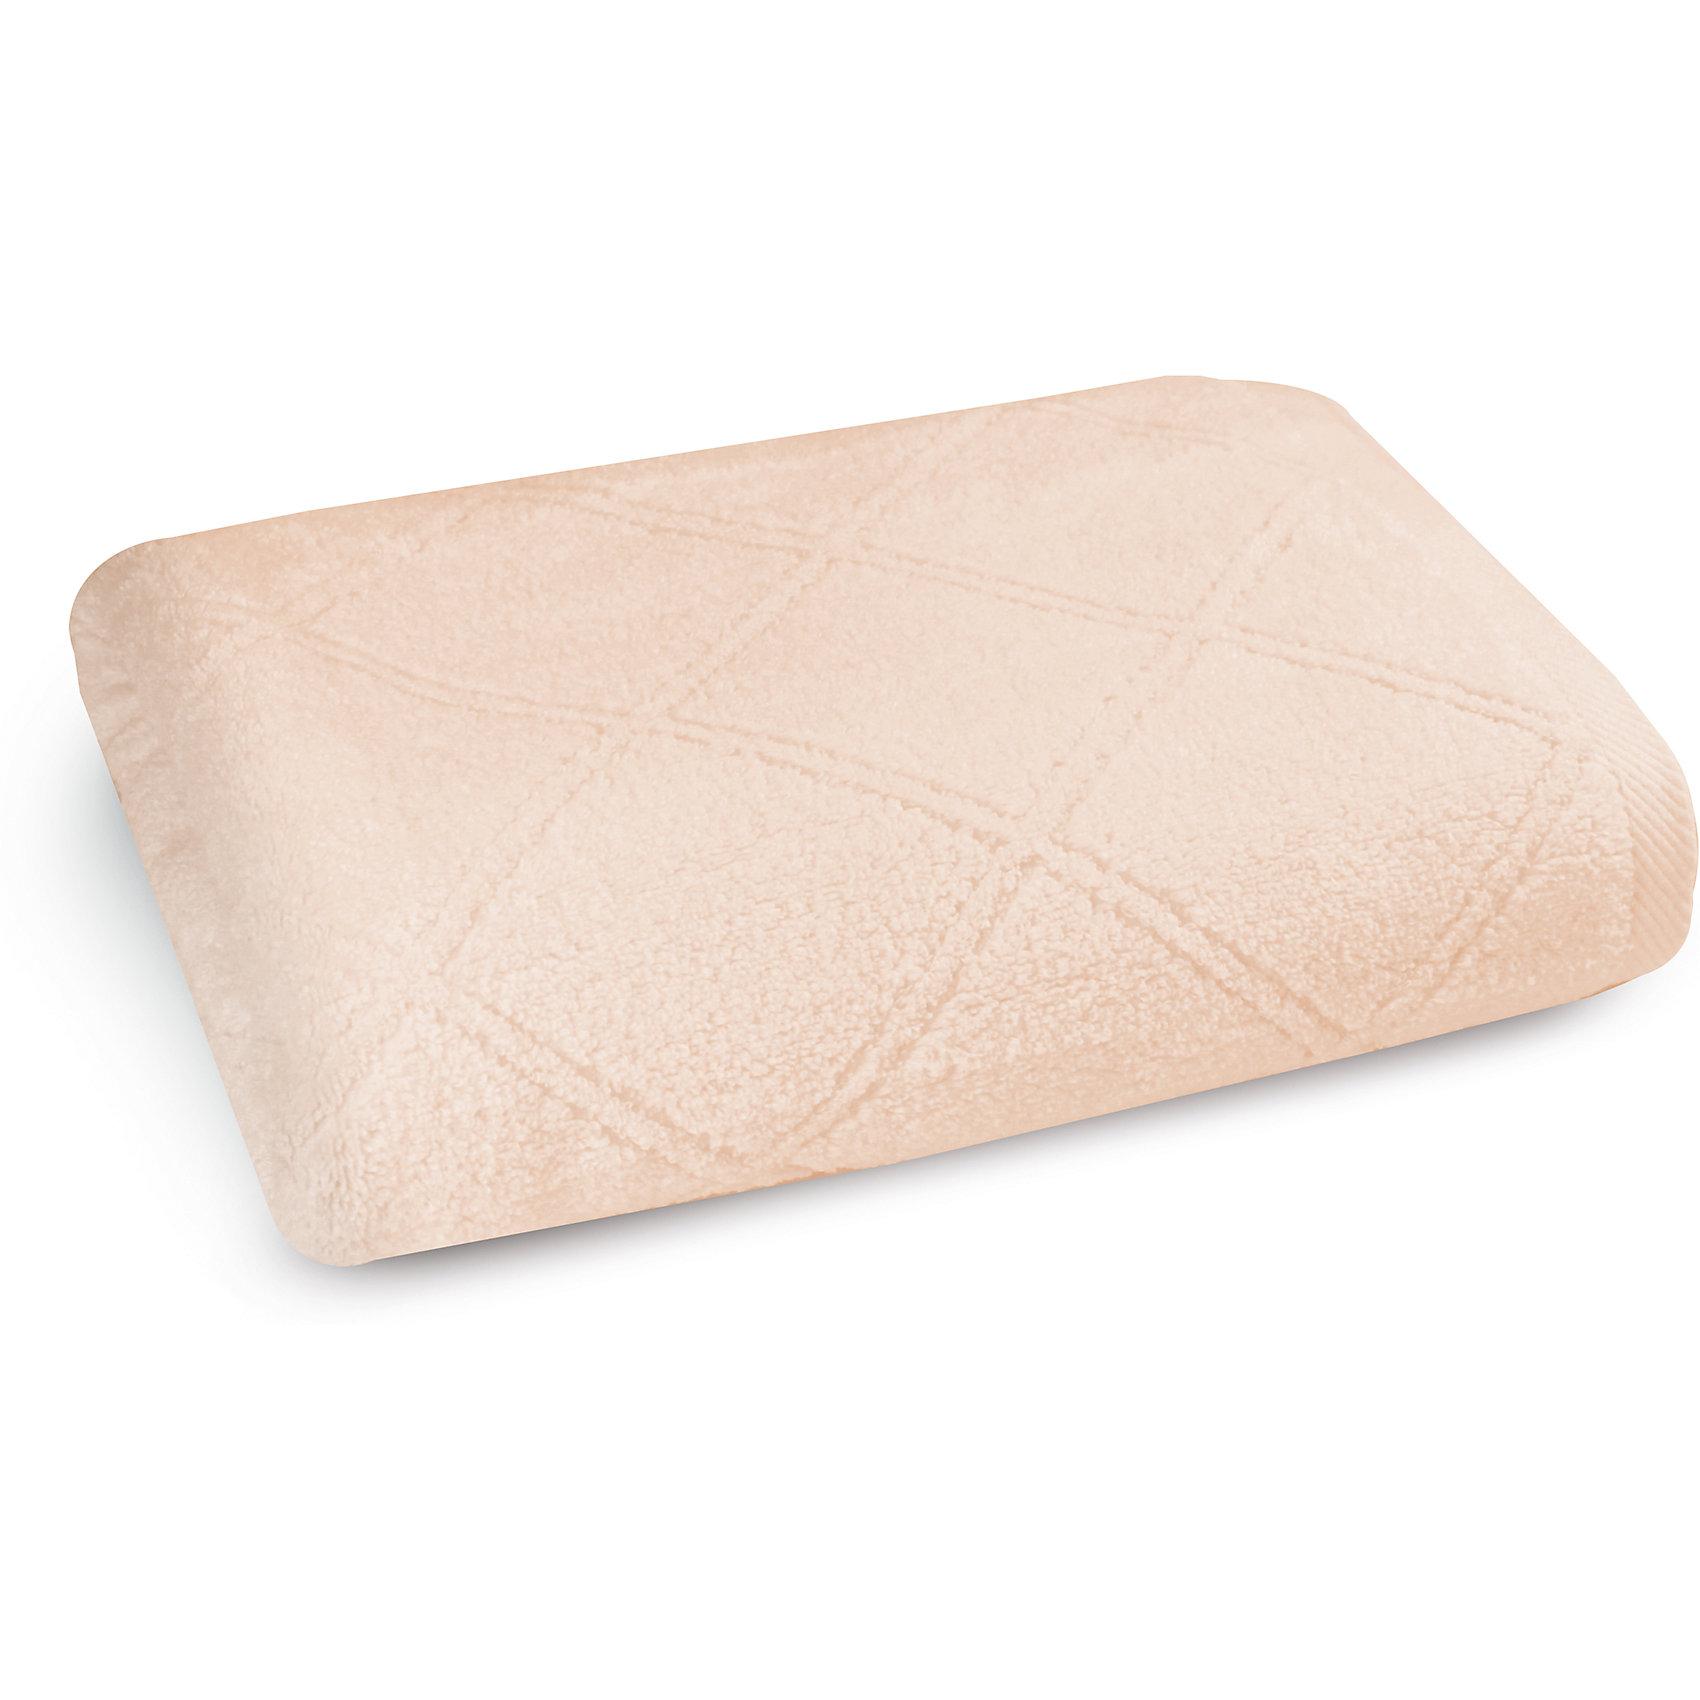 Полотенце махровое 50х90, Cozy Home, персикВанная комната<br>Полотенце махровое 50х90, Cozy Home (Кози Хоум), персик<br><br>Характеристики:<br><br>• мягкое полотенце, приятное на ощупь<br>• хорошо впитывает влагу<br>• легко стирать<br>• материал: хлопок<br>• размер: 50х90 см<br>• цвет: персиковый<br><br>Выбирая полотенце, важно обратить внимание на материал. Полотенце от Cozy Home изготовлено из качественного хлопка, поэтому оно очень приятно телу и не вызывает раздражения и аллергии. Полотенце хорошо впитывает влагу, а также быстро высыхает. Любые загрязнения вы с легкостью сможете отстирать при температуре 40?. Также полотенце порадует вас своей долговечностью. Даже после многочисленных стирок оно не изменит свой цвет и размер. Изделие имеет однотонную расцветку, дополненную узором из ромбов. Отличный выбор для ценителей качественного текстиля!<br><br>Полотенце махровое 50х90, Cozy Home (Кози Хоум), персик можно купить в нашем интернет-магазине.<br><br>Ширина мм: 150<br>Глубина мм: 250<br>Высота мм: 150<br>Вес г: 250<br>Возраст от месяцев: 0<br>Возраст до месяцев: 216<br>Пол: Унисекс<br>Возраст: Детский<br>SKU: 5355308